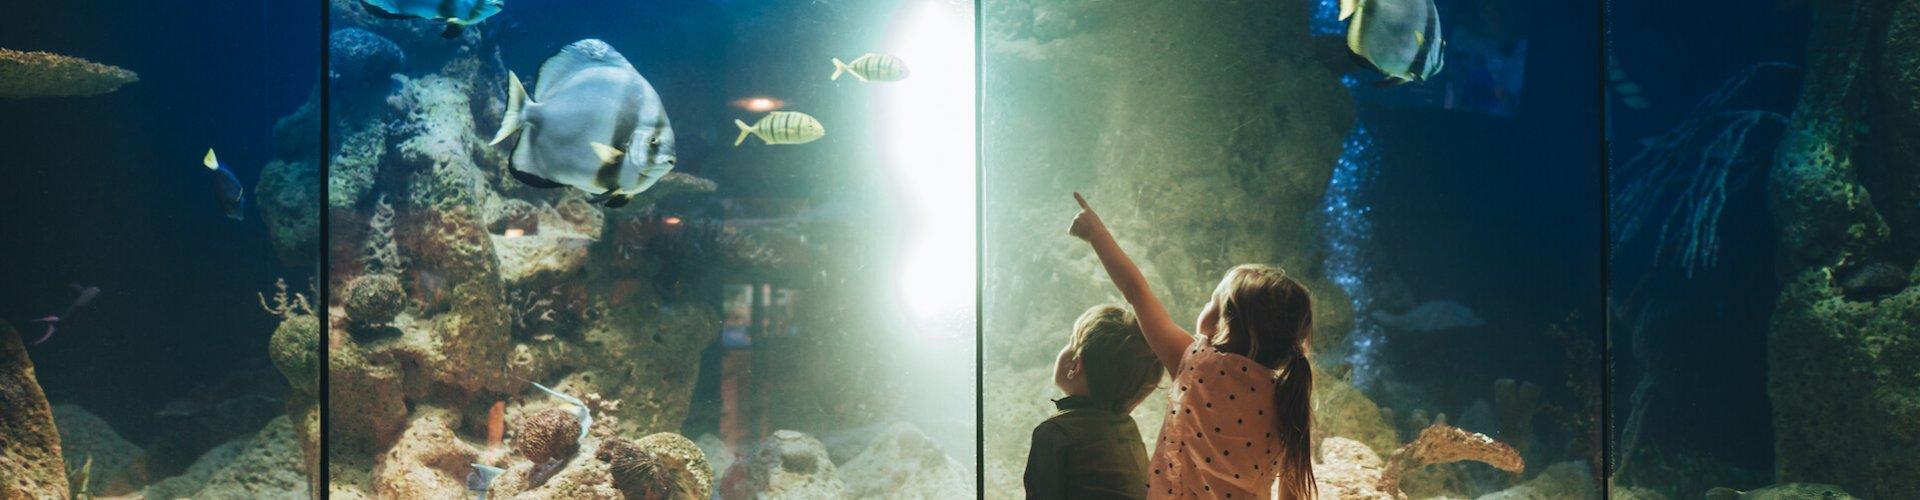 Ausflugsziel Aquarium Palma